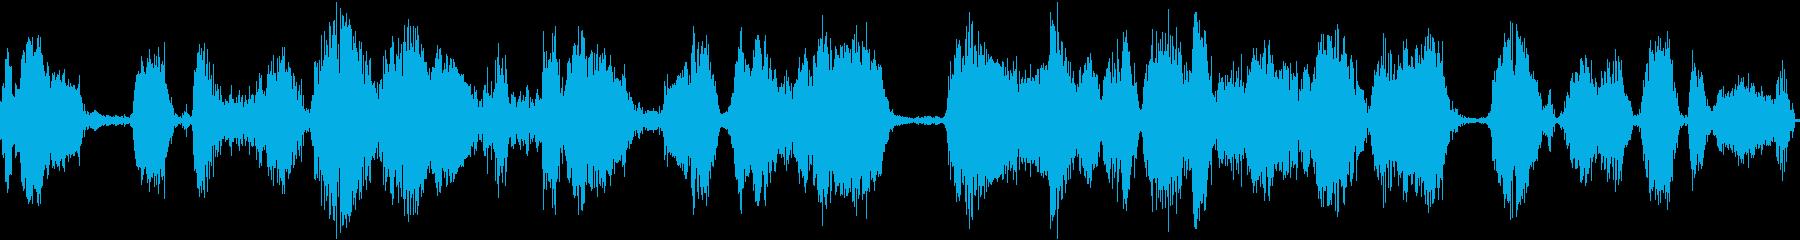 ガチョウの迷惑な怒りの再生済みの波形